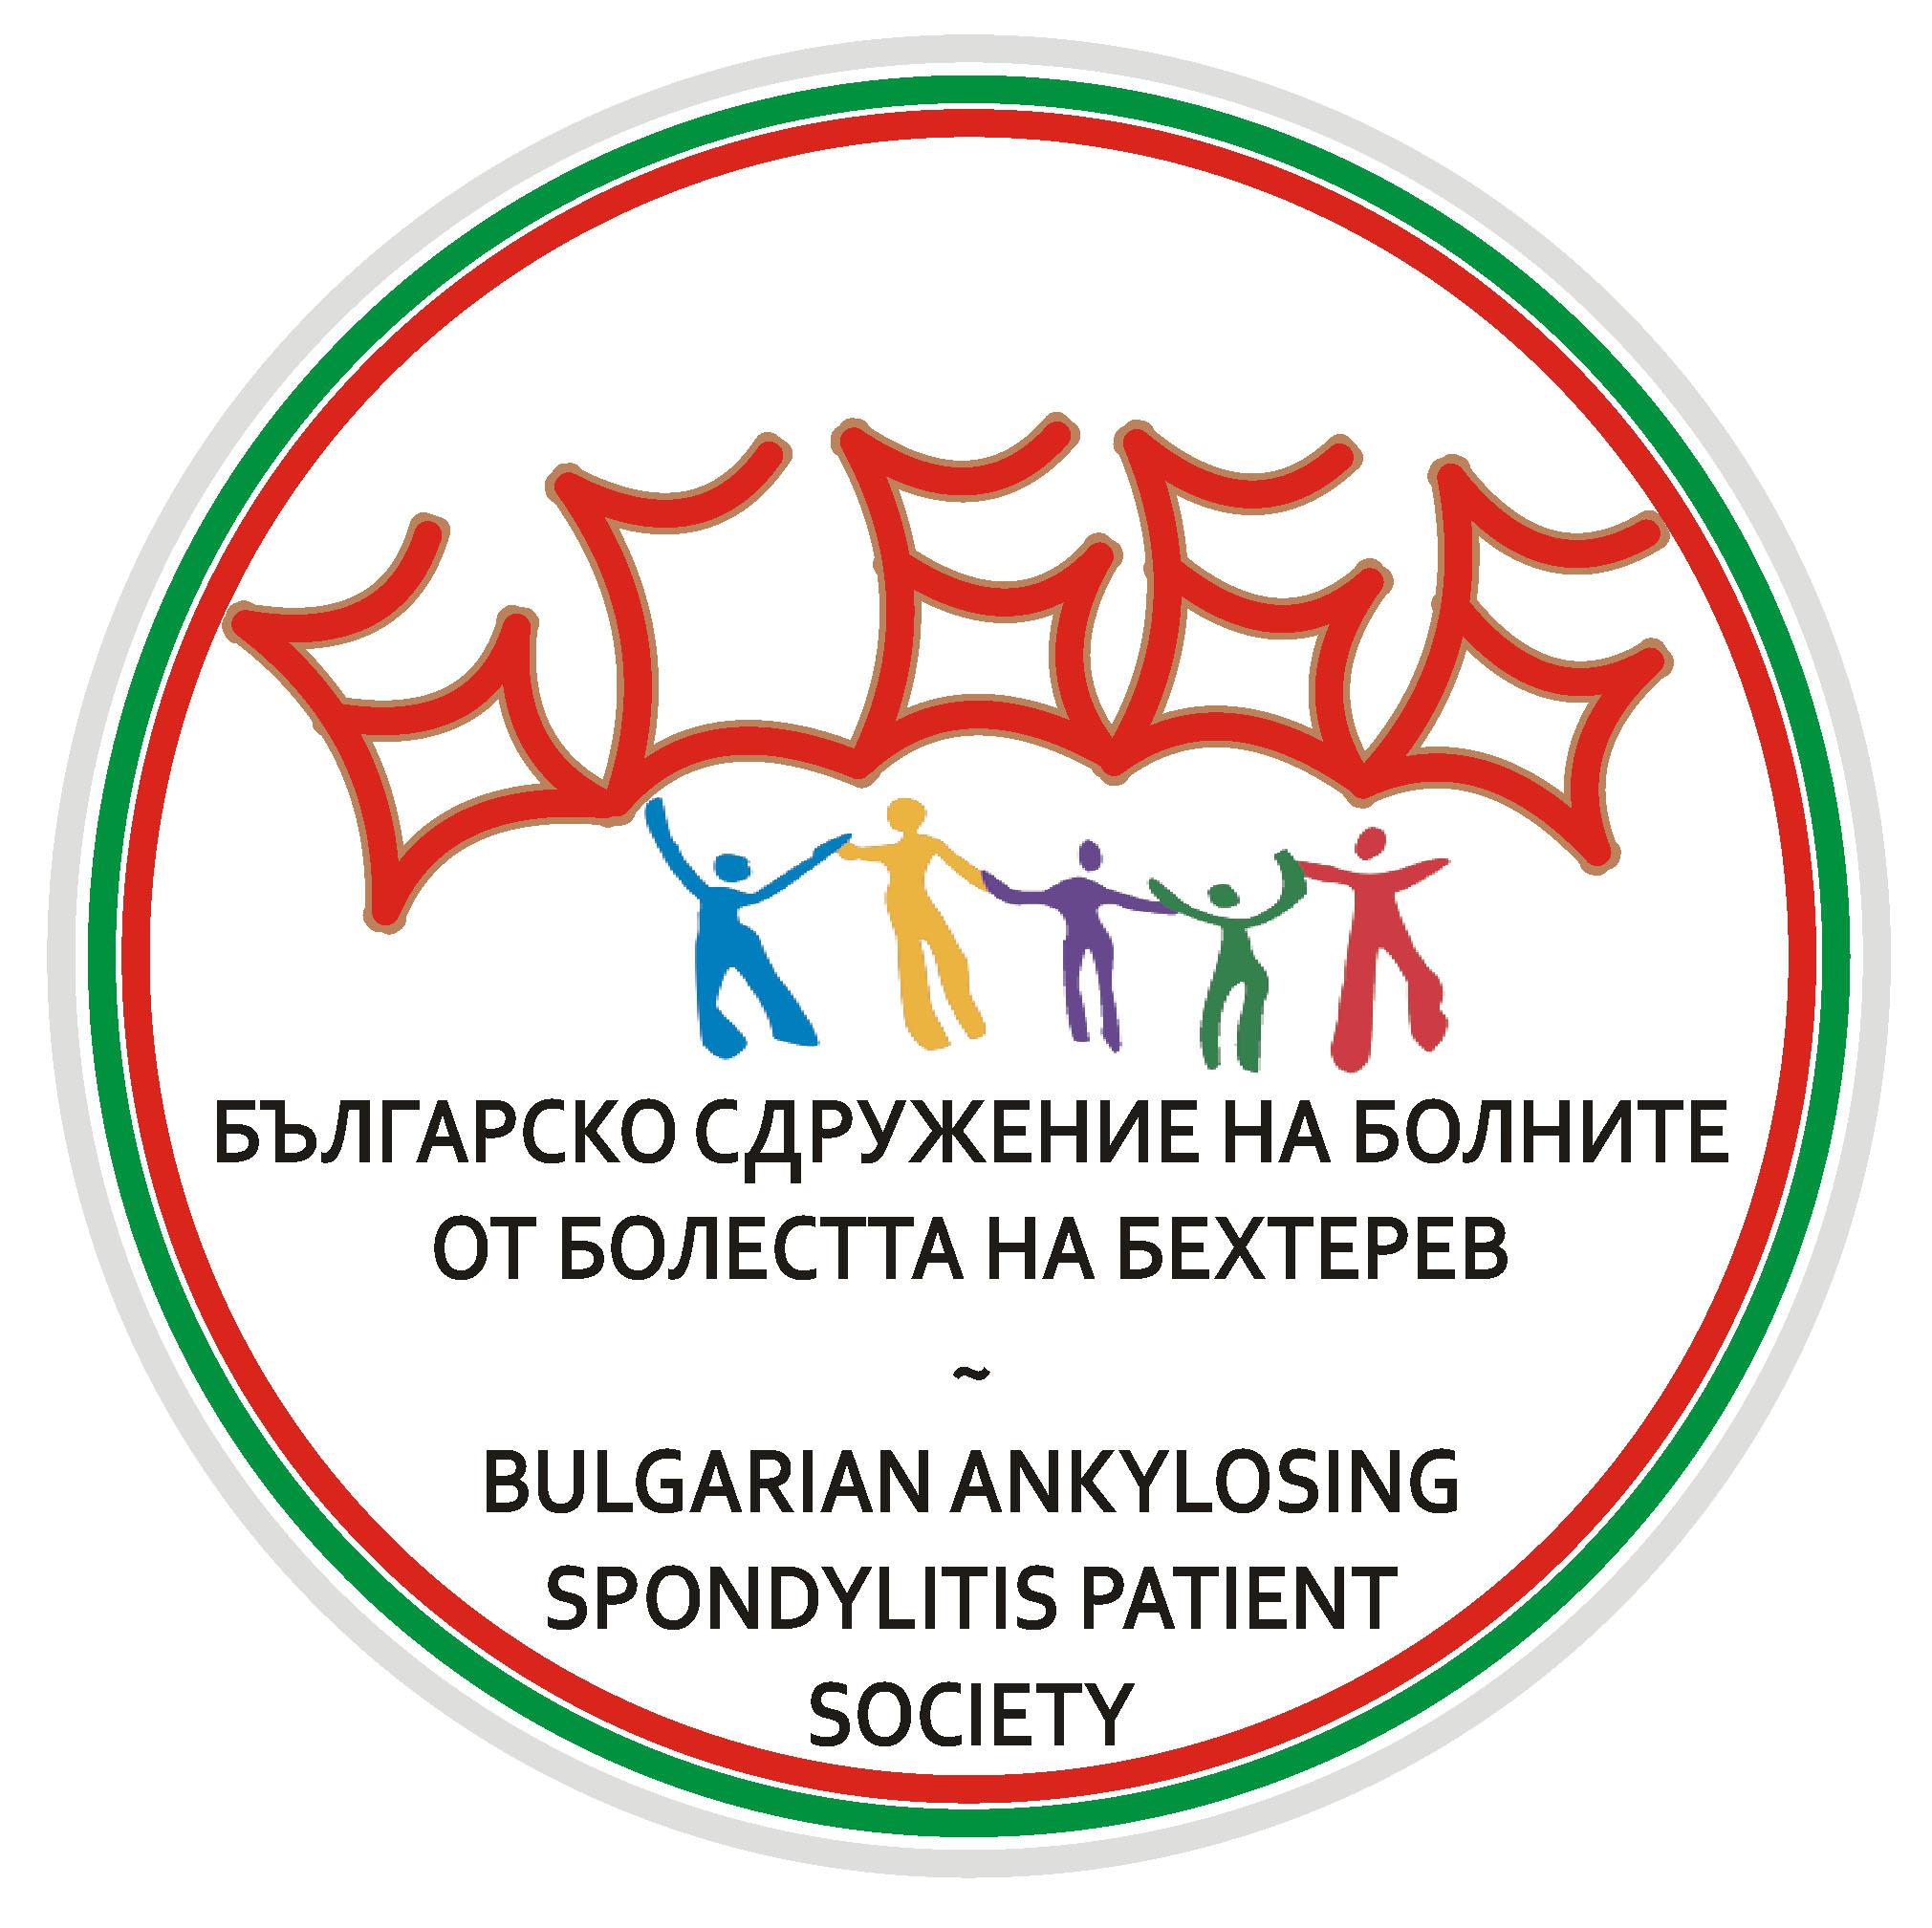 Българско сдружение на болните от болестта на Бехтерев